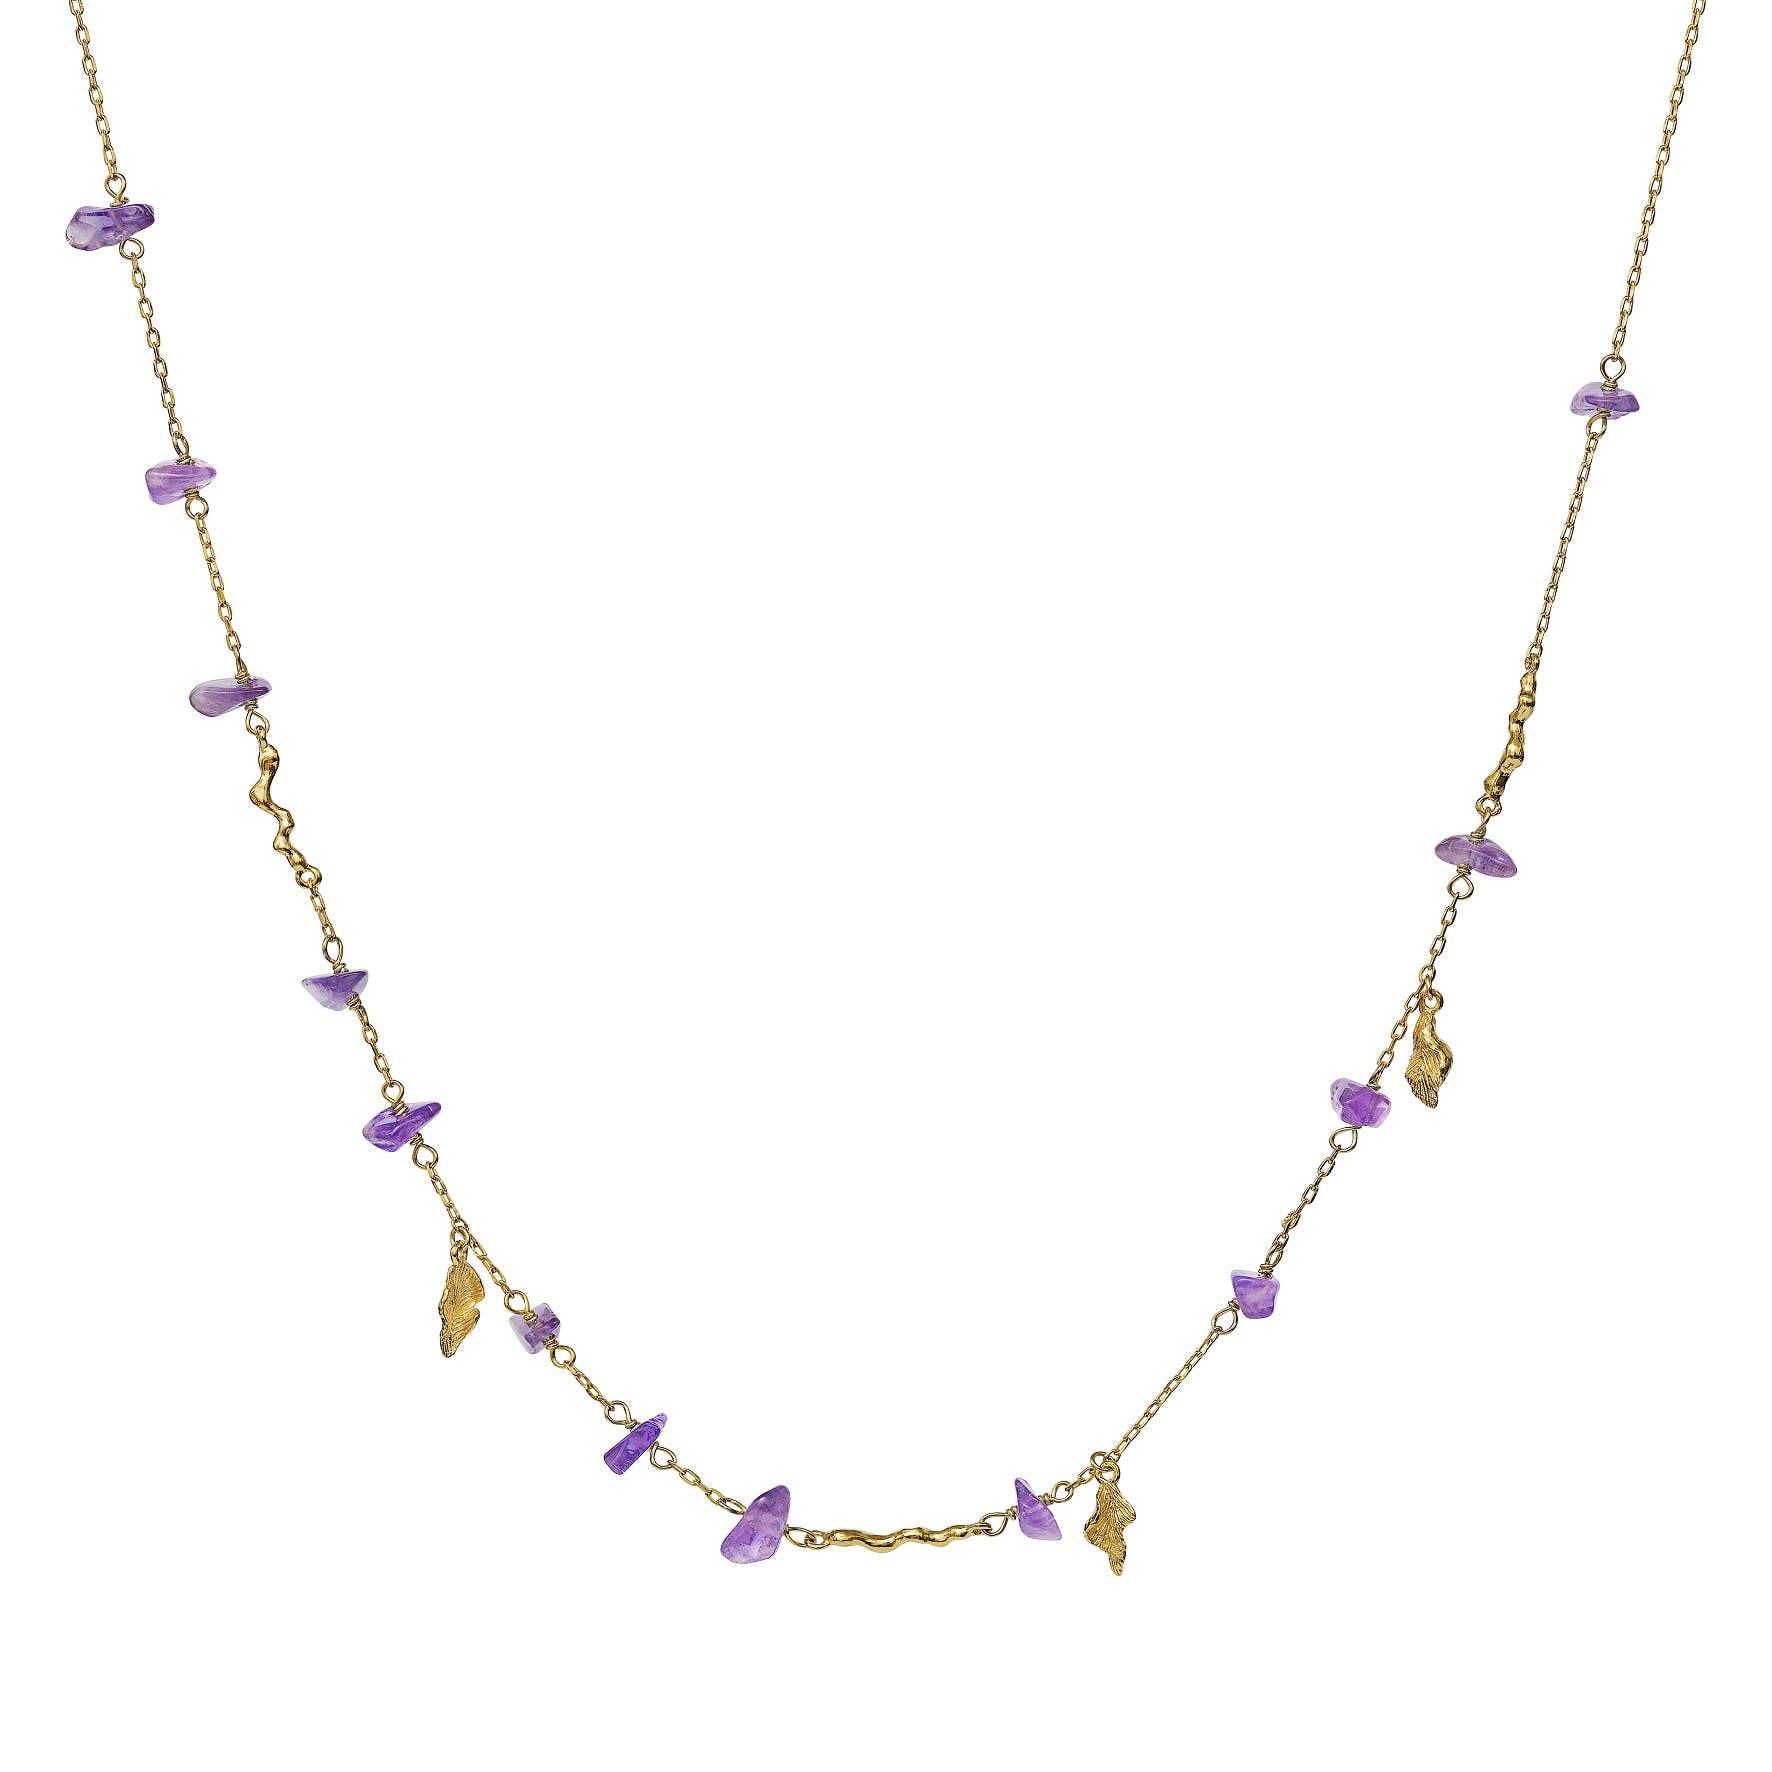 Azzurra Necklace fra Maanesten i Forgylt-Sølv Sterling 925